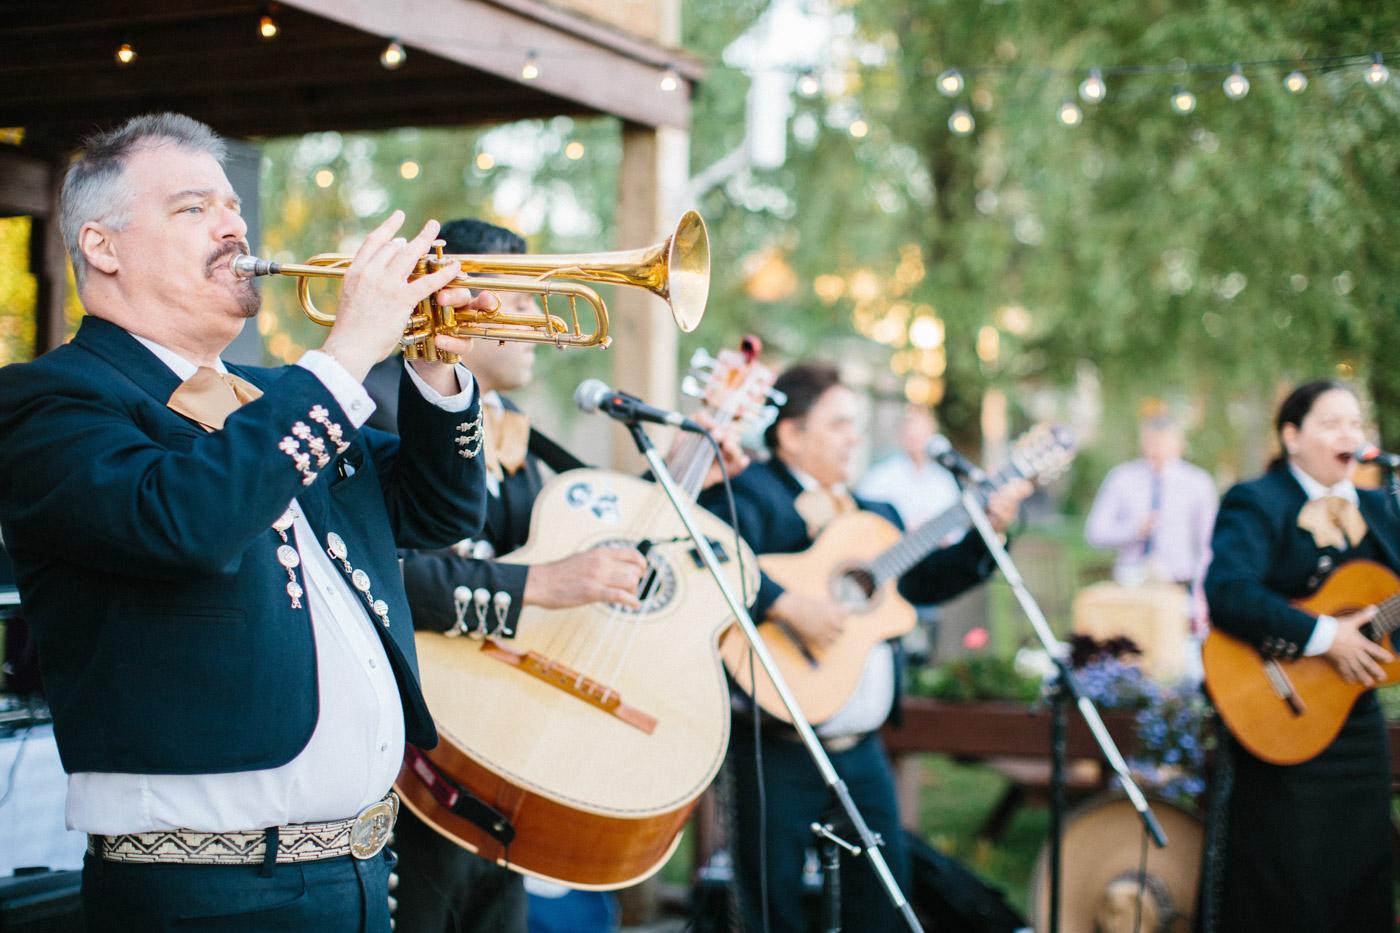 toronto_wedding_photographer_backyard_wedding-33.jpg